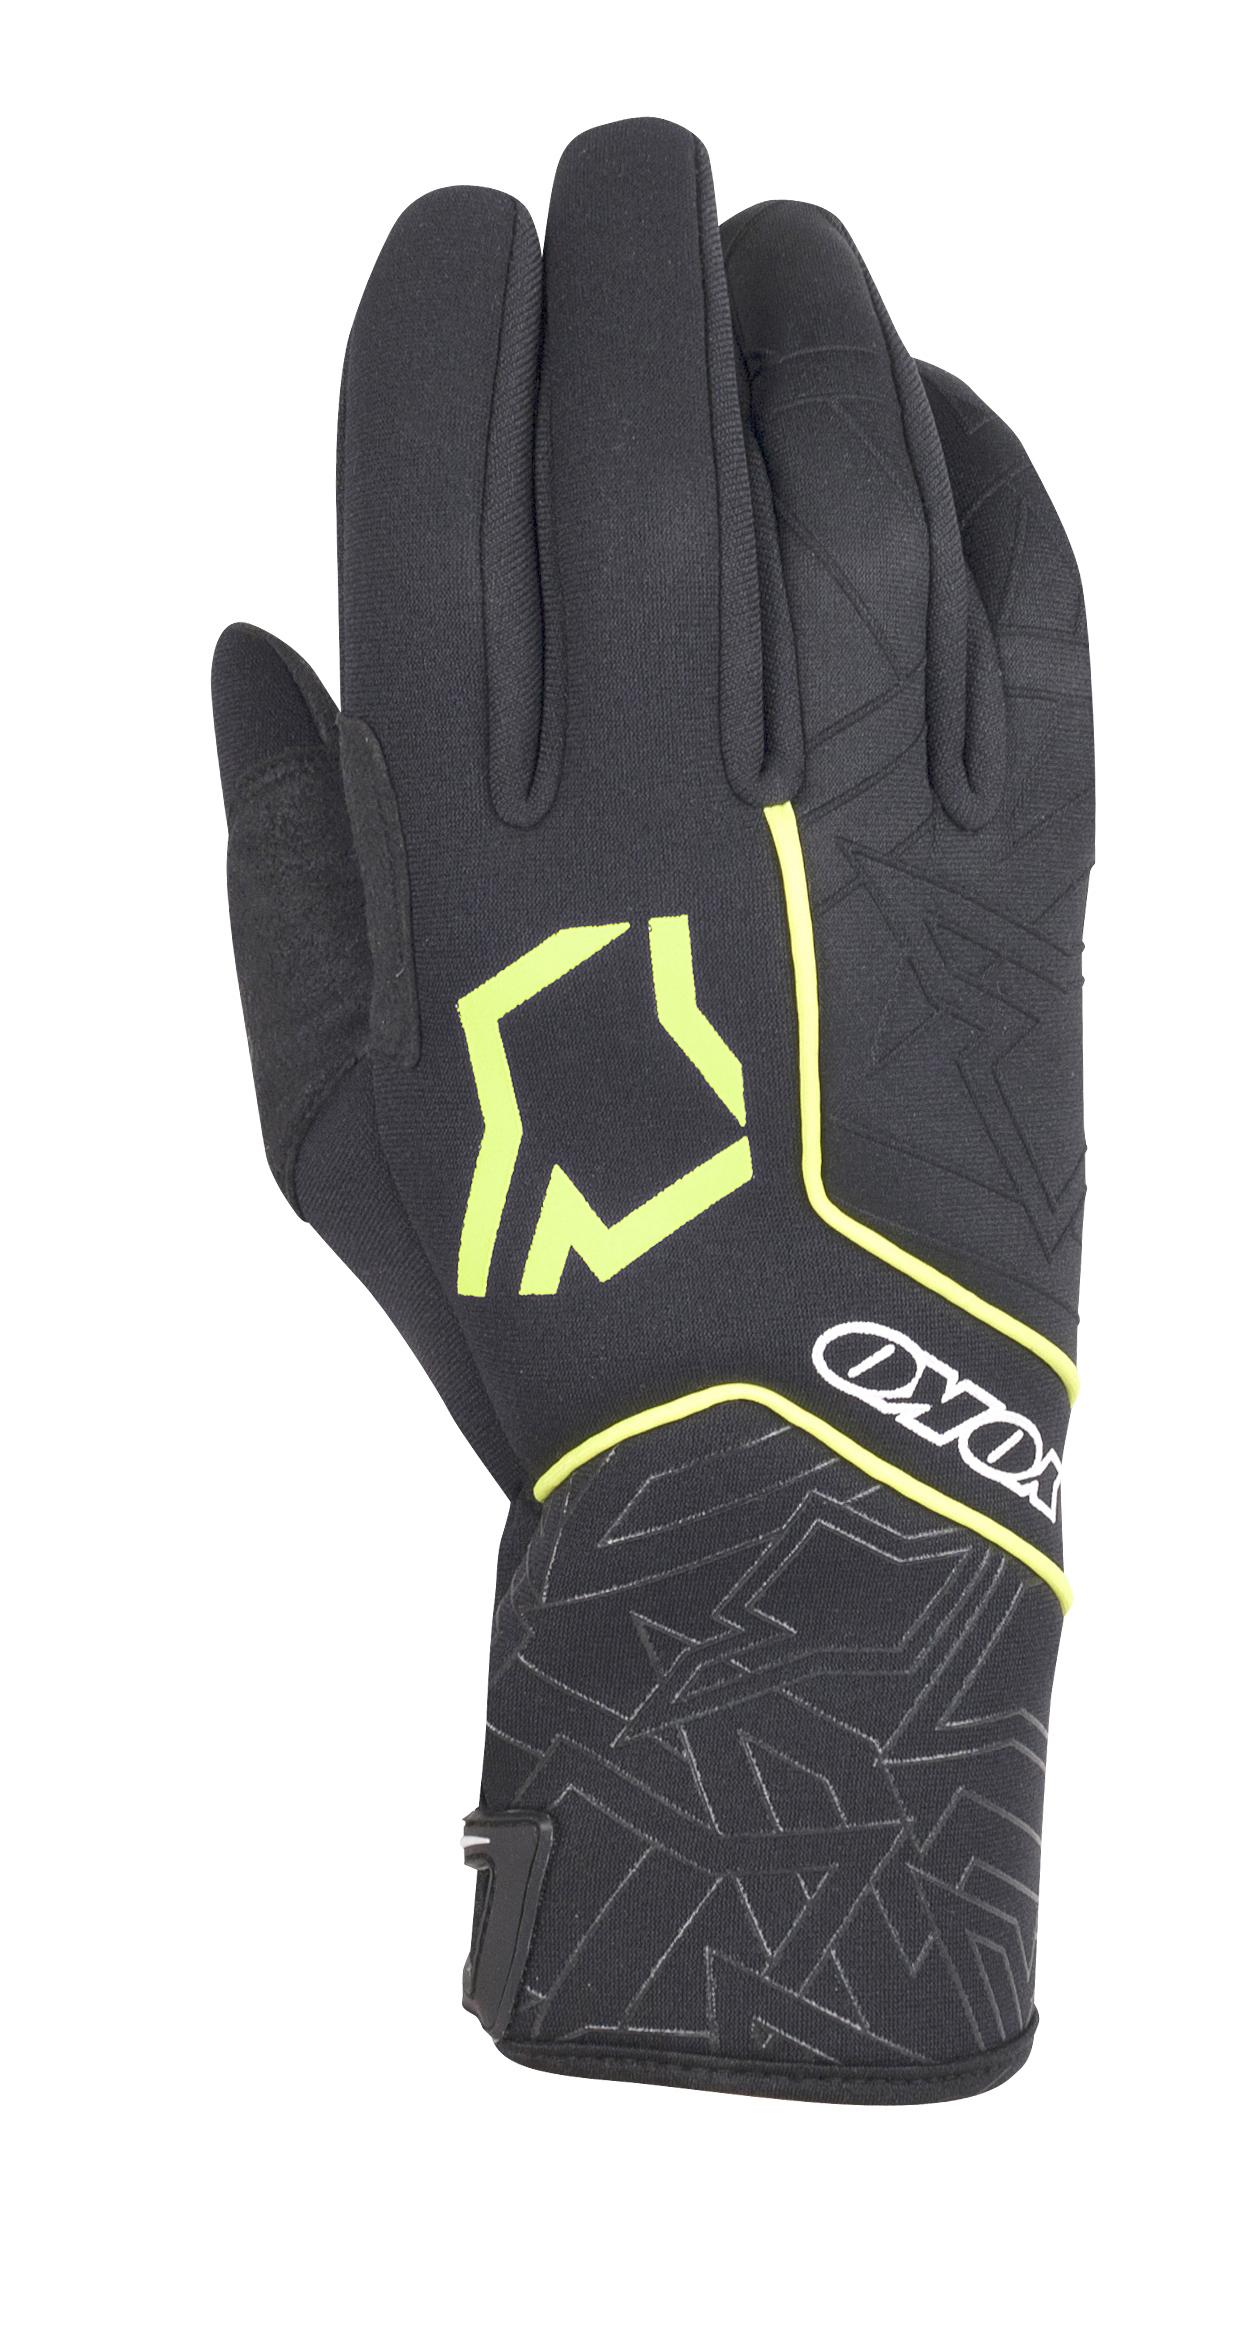 Yoko motorcycle gloves - Yg23